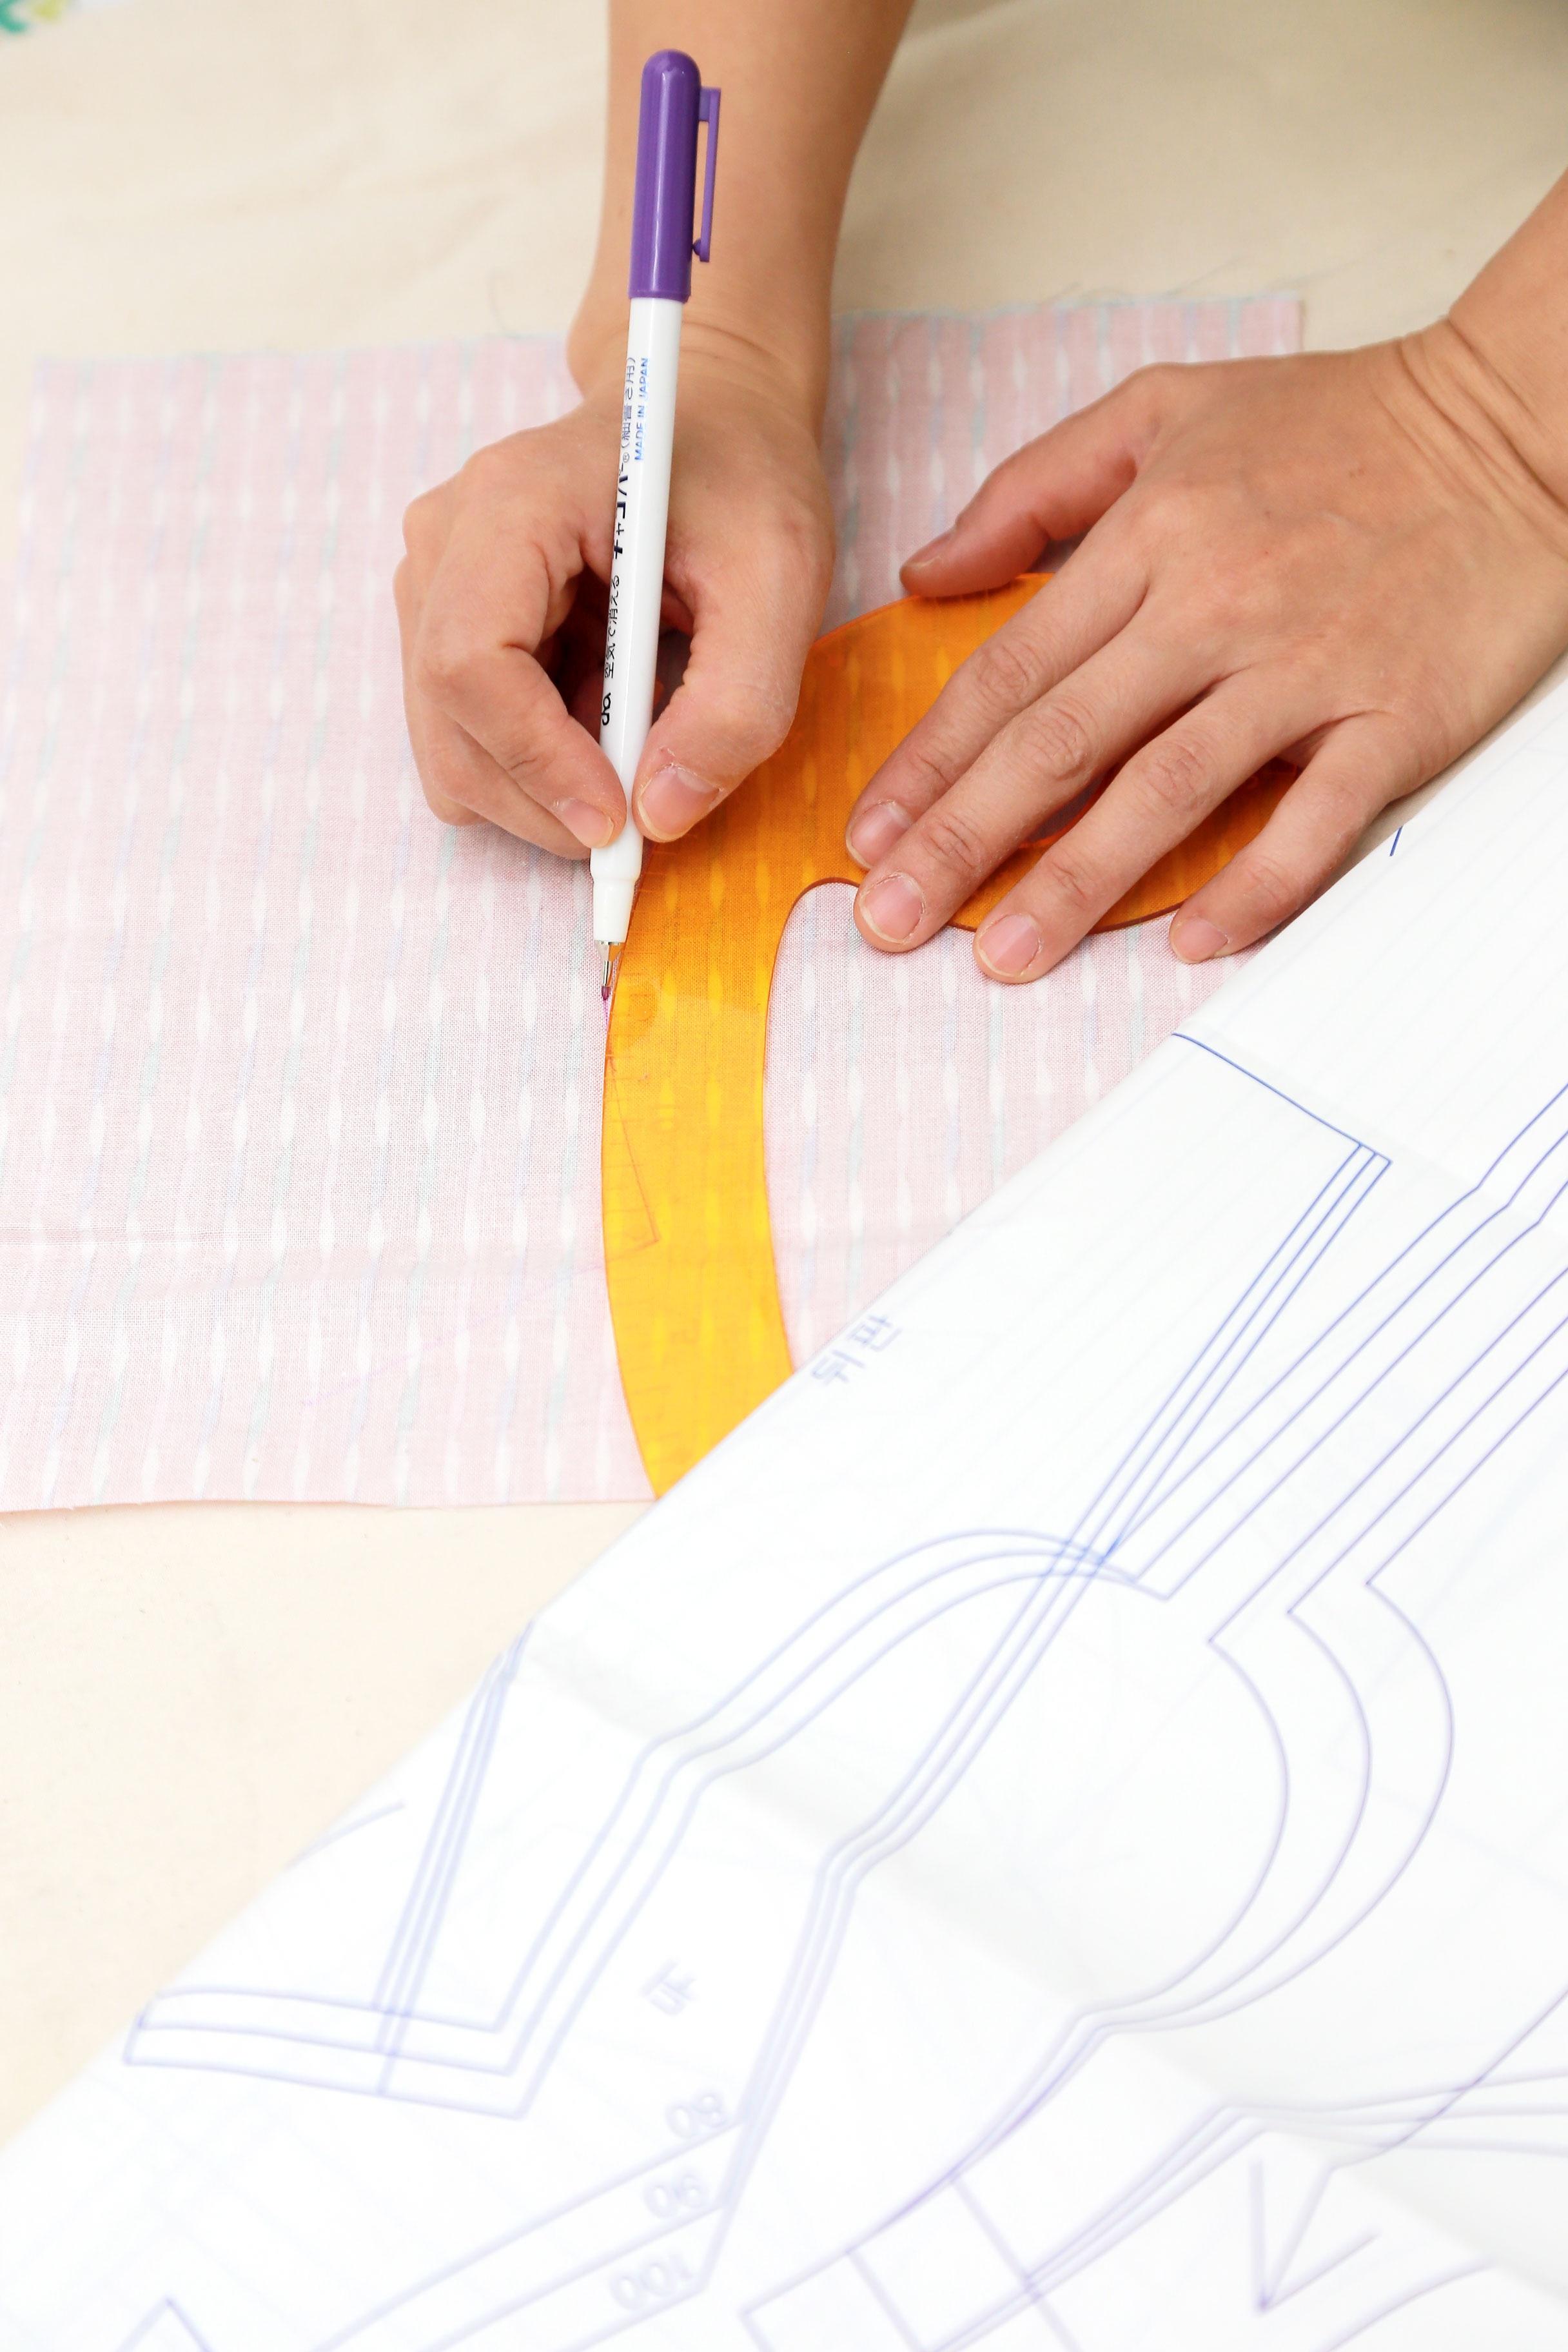 Fotos gratis : escritura, patrón, dedo, brazo, de coser, máquina de ...